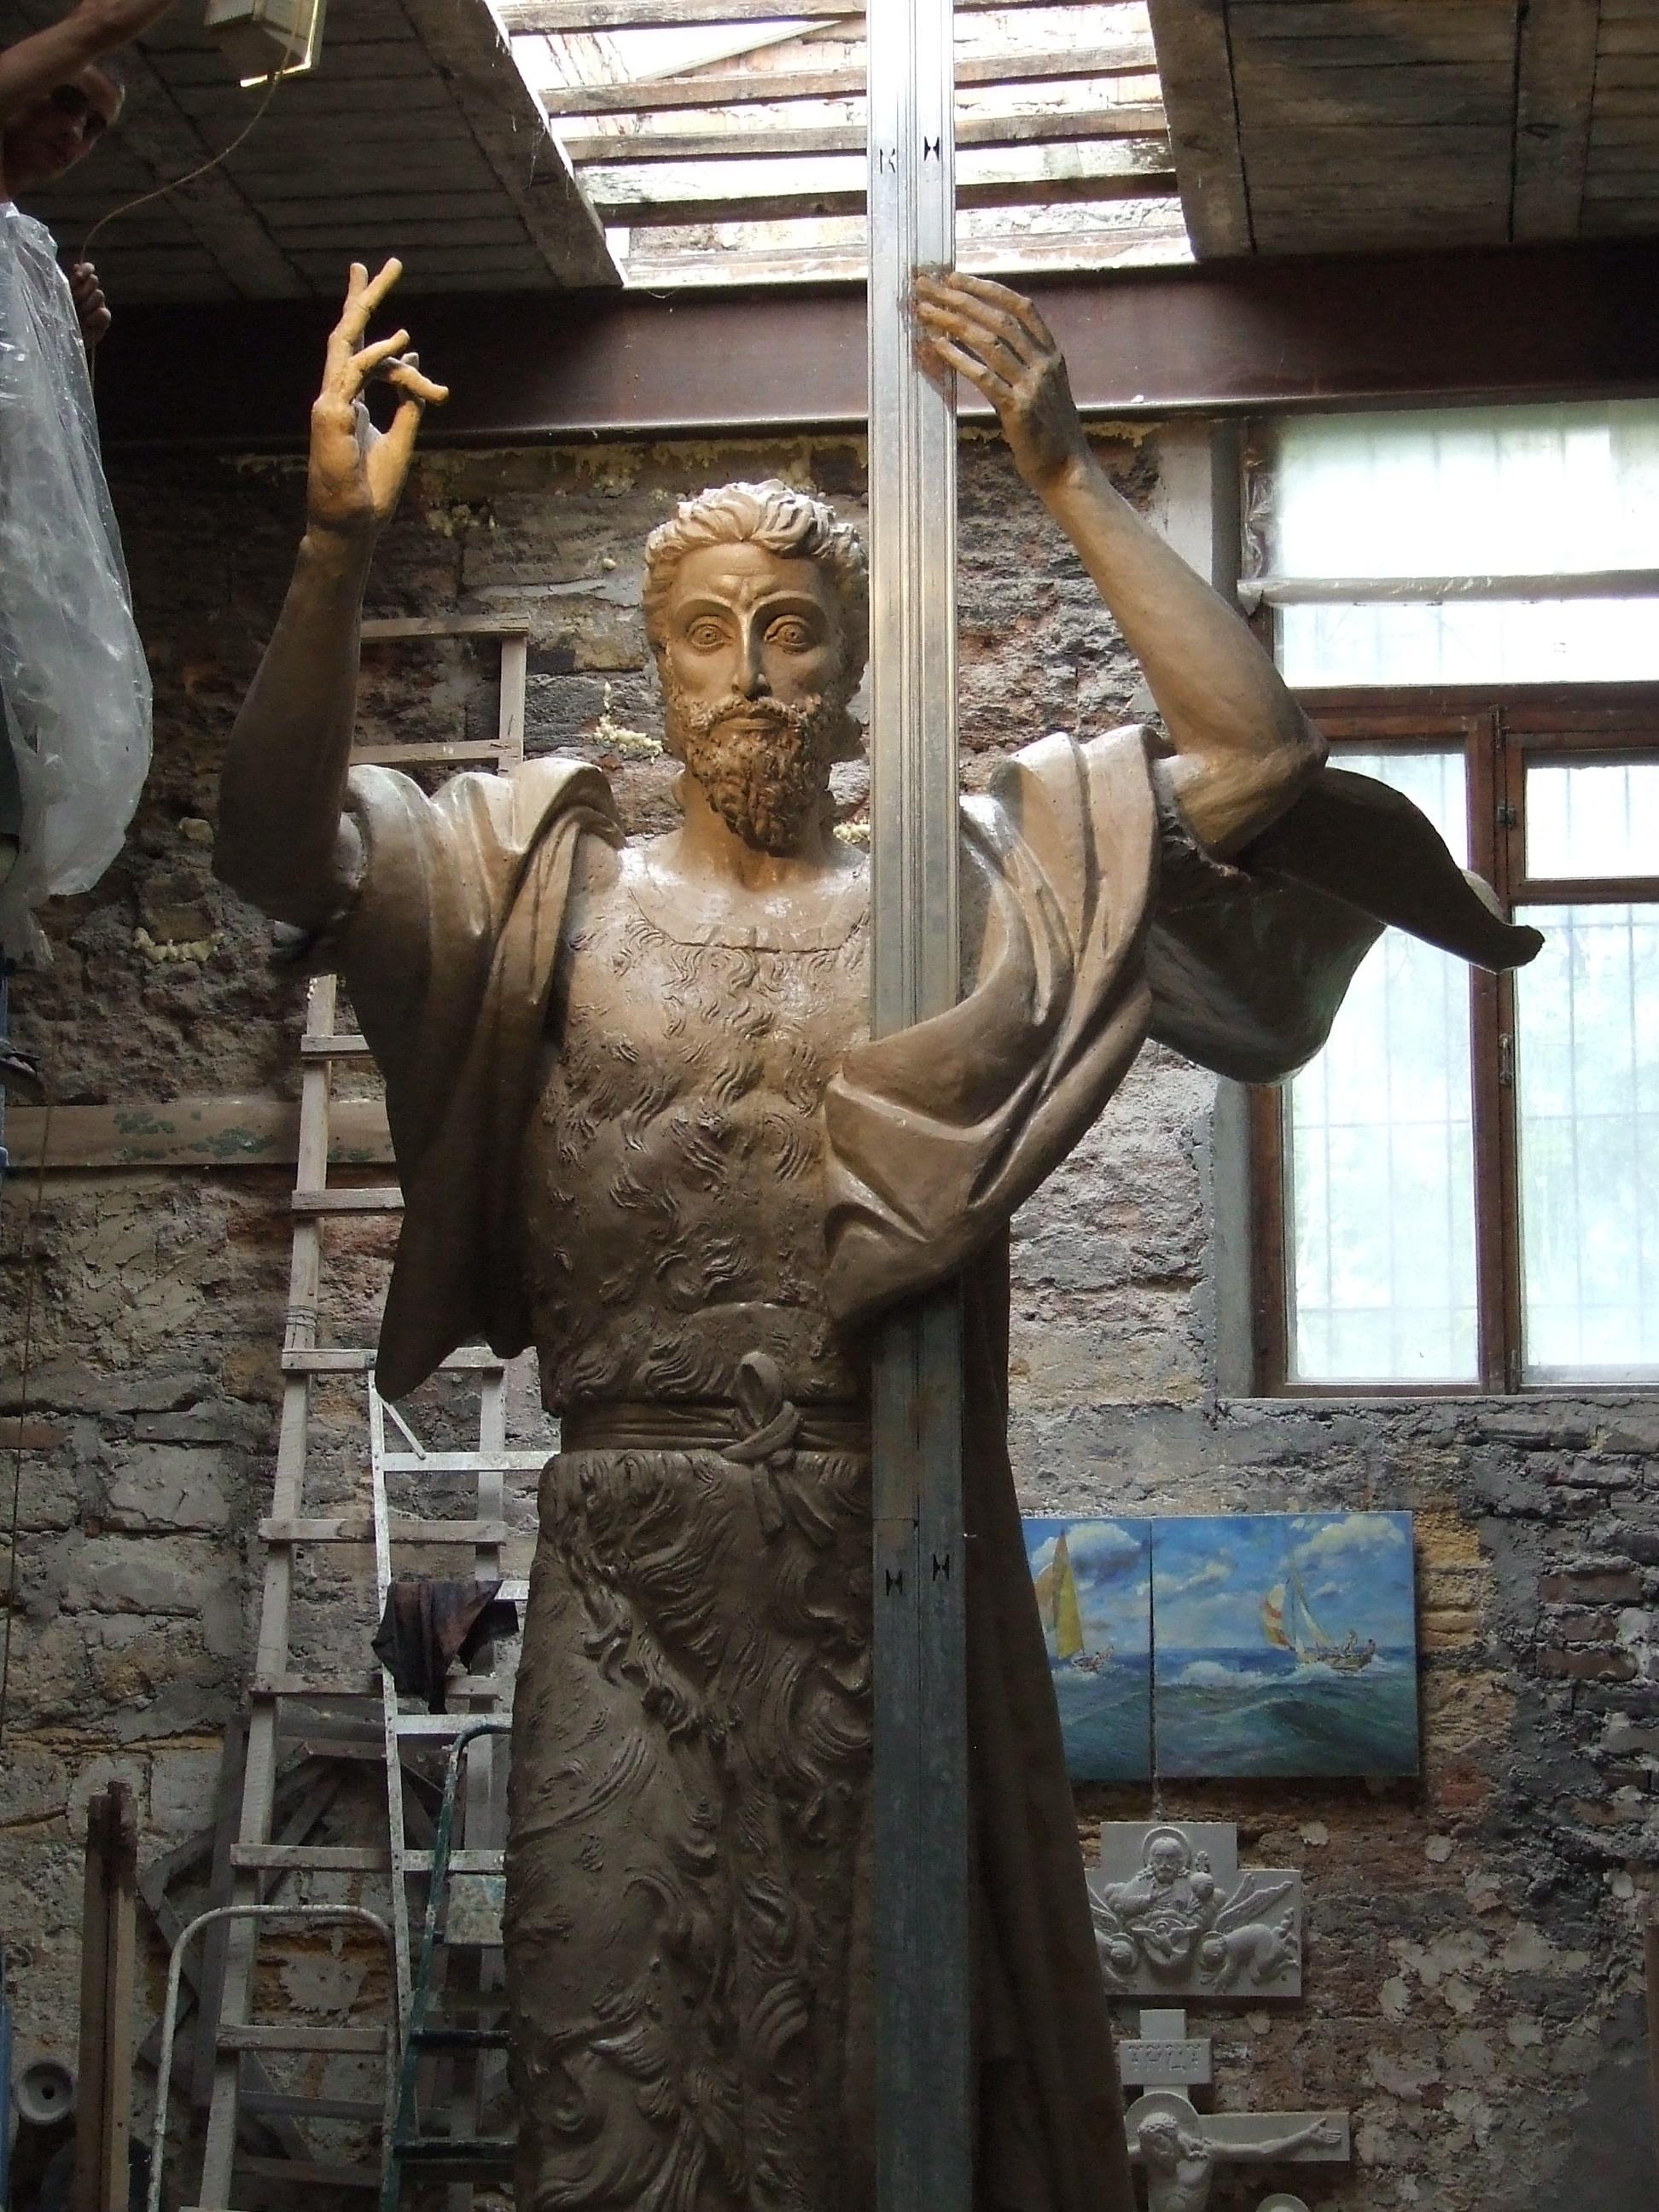 Скульптура Иоанна Крестителя. Бронза, 2013. Днепропетровск.